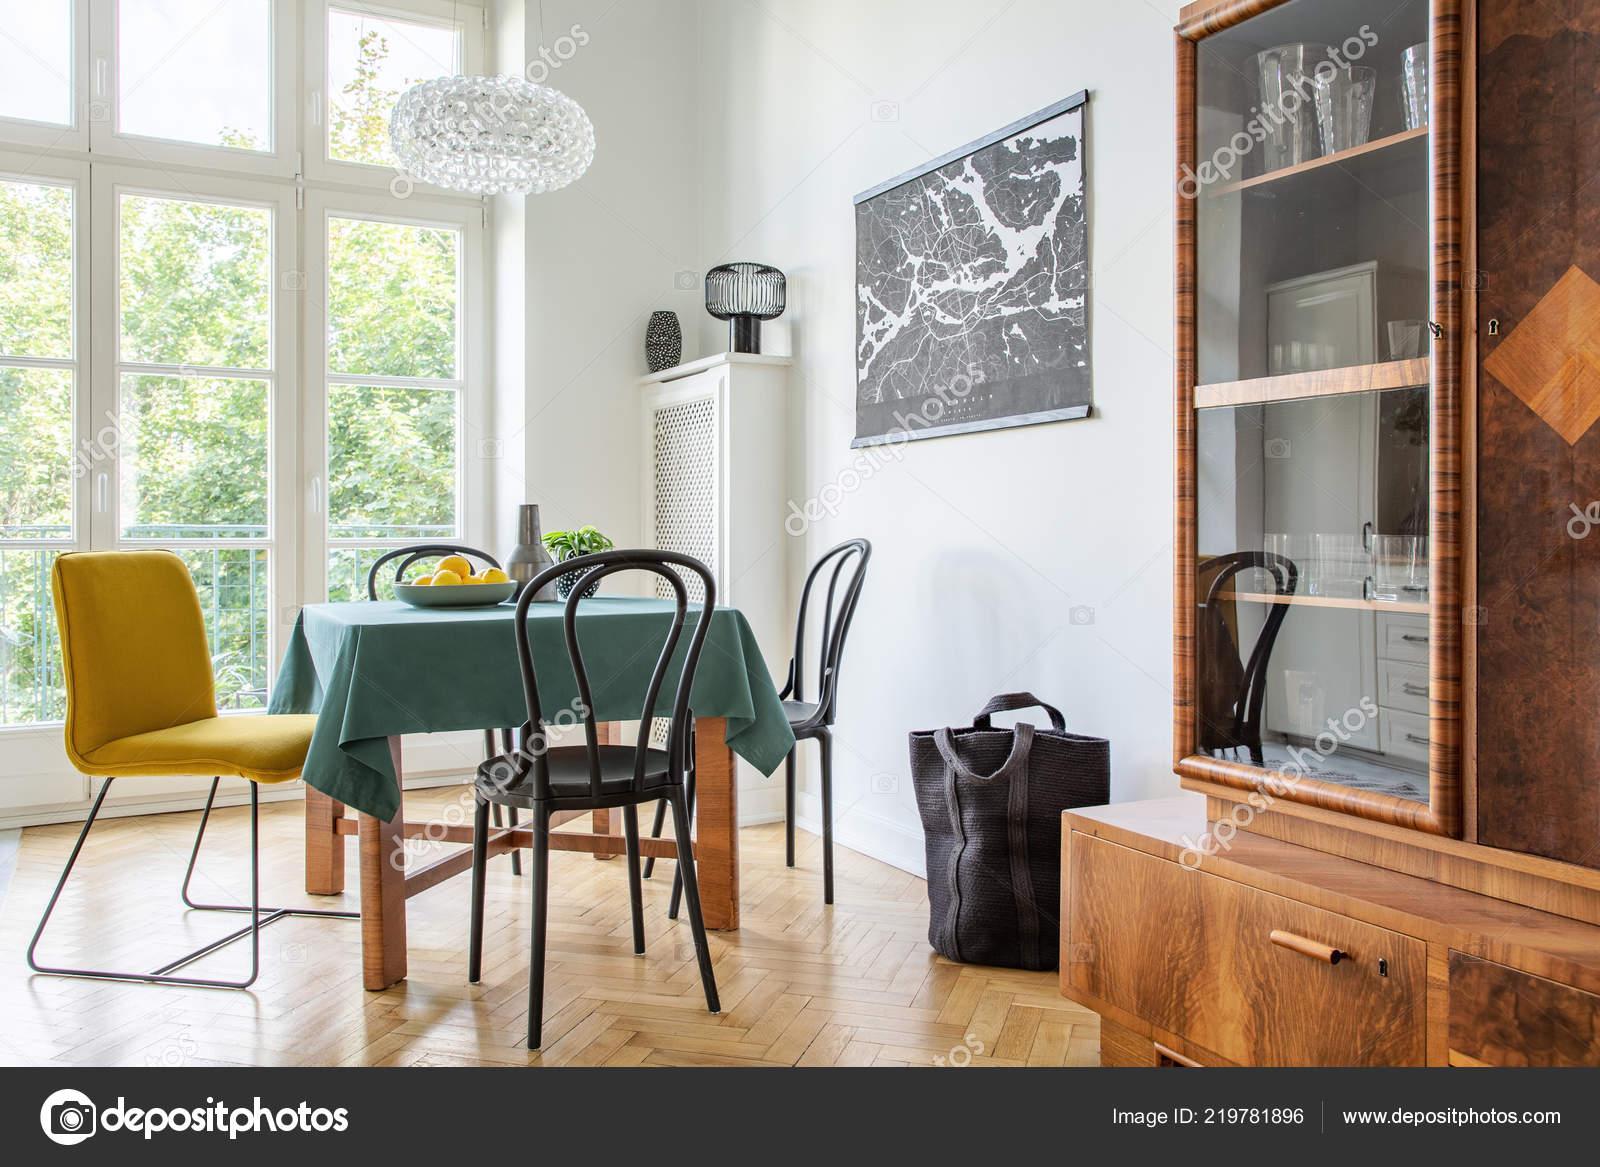 Credenza Sala Da Pranzo : Interiore retrò sala pranzo con tavolo sedie credenza caseggiato